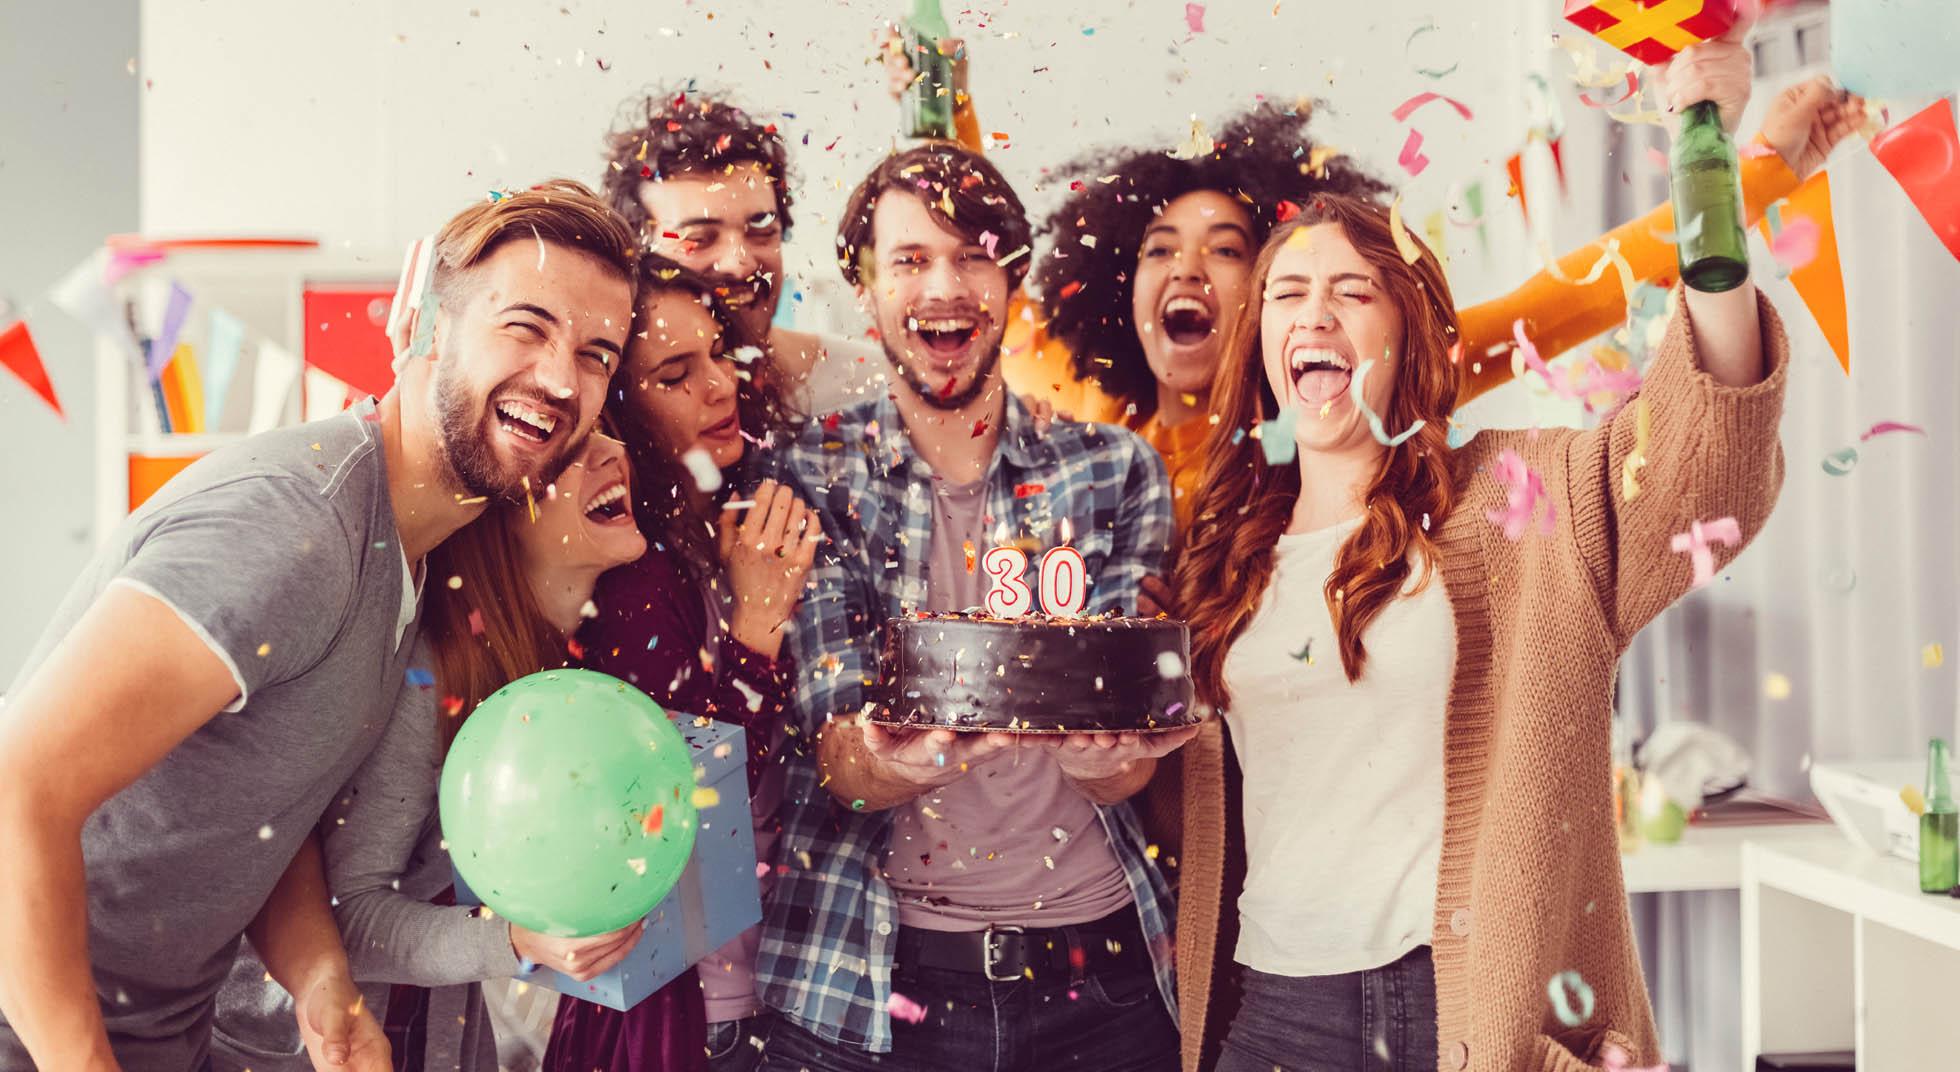 Conosciuto Come organizzare una festa a sorpresa | AIA Food UN71